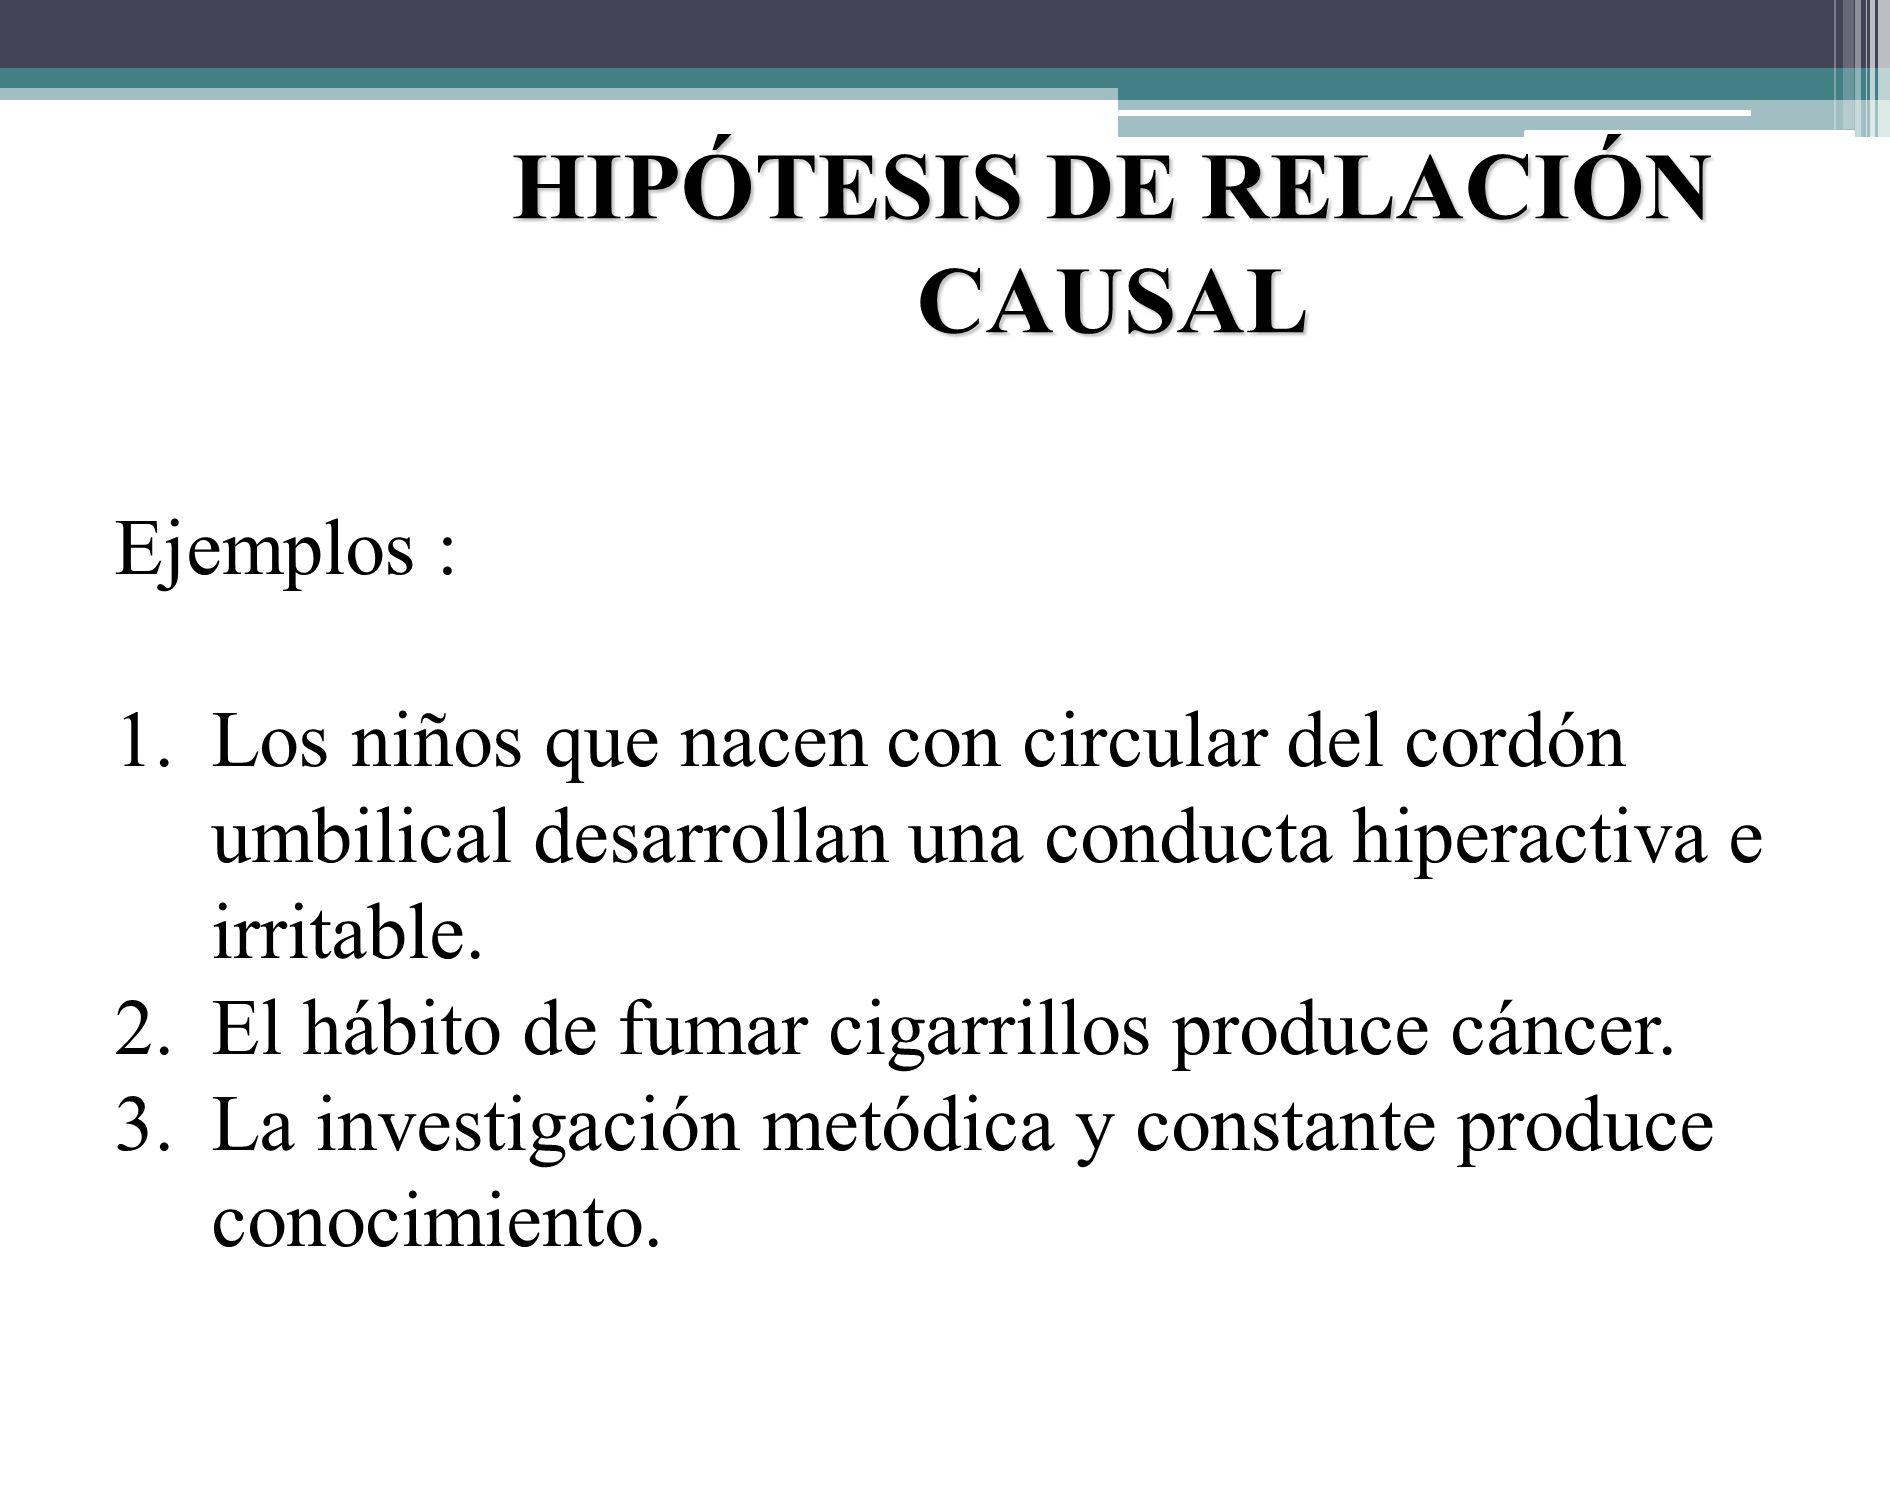 HIPÓTESIS DE RELACIÓN CAUSAL